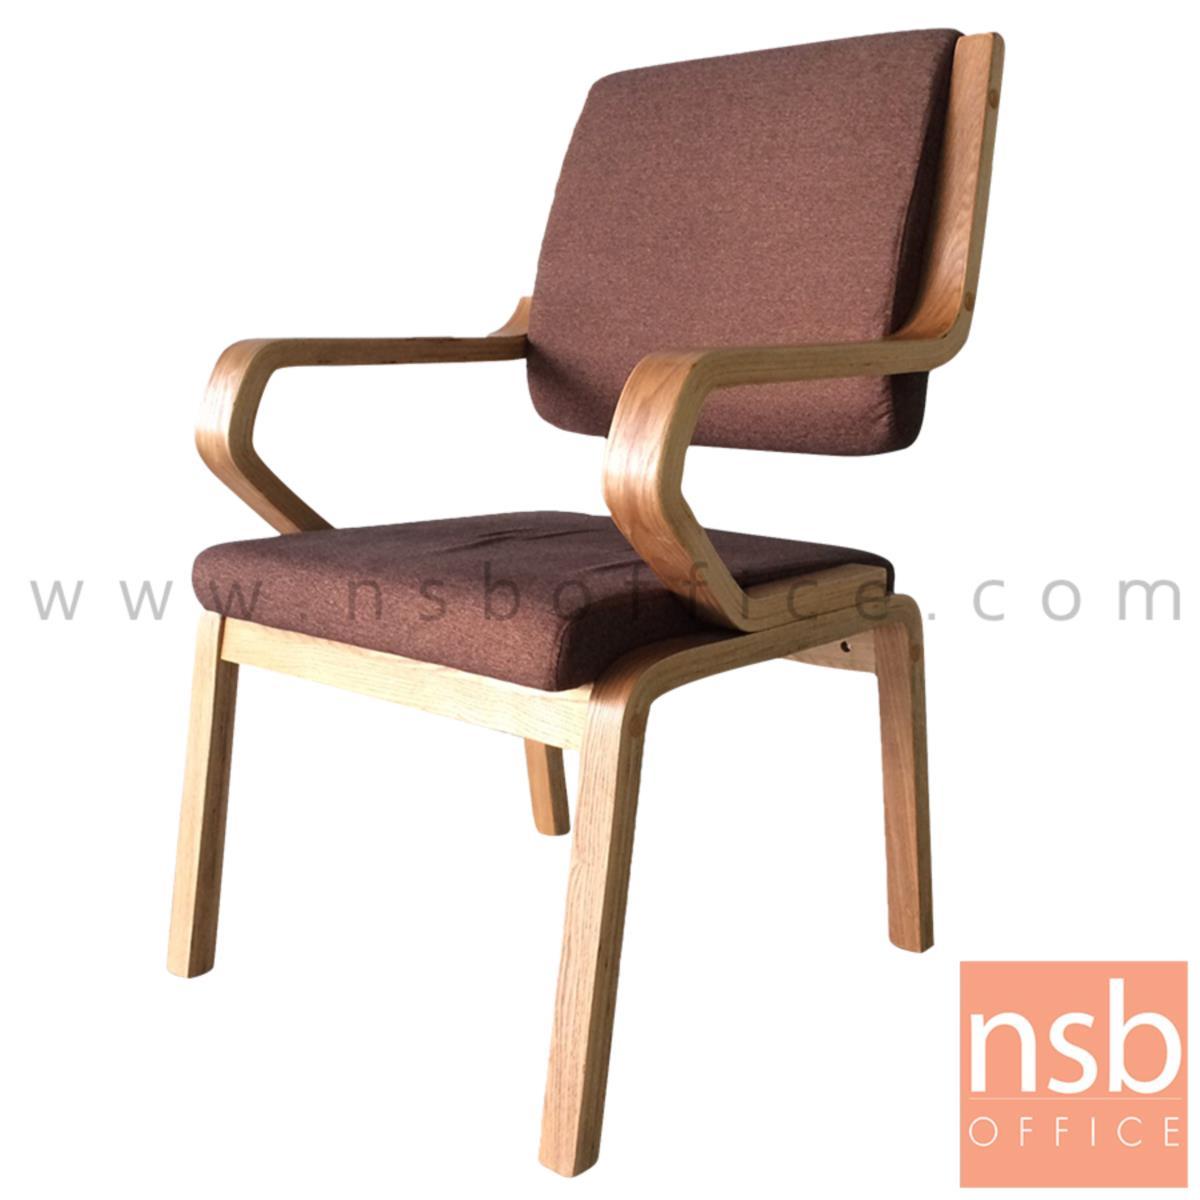 B22A160:เก้าอี้ไม้จริงใหญ่ ที่นั่งหุ้มผ้า รุ่น Rinatia (รินาเทีย)  ขาไม้